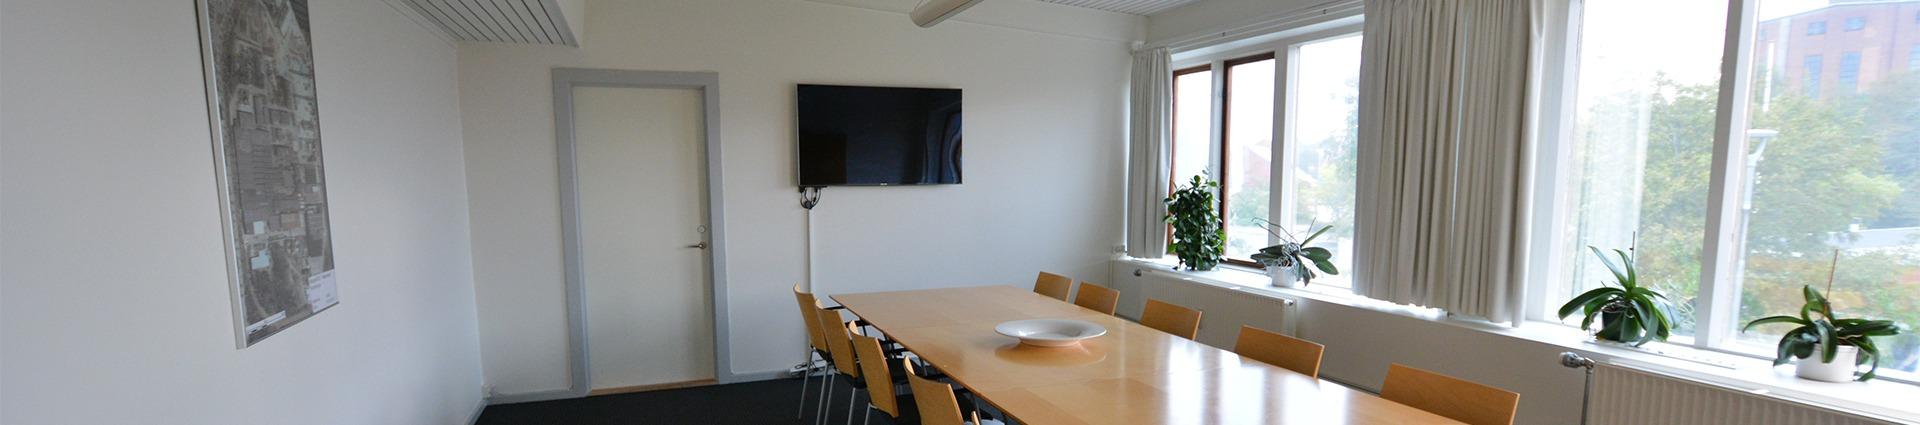 Mødelokale på Maglemølle Erhvervspark